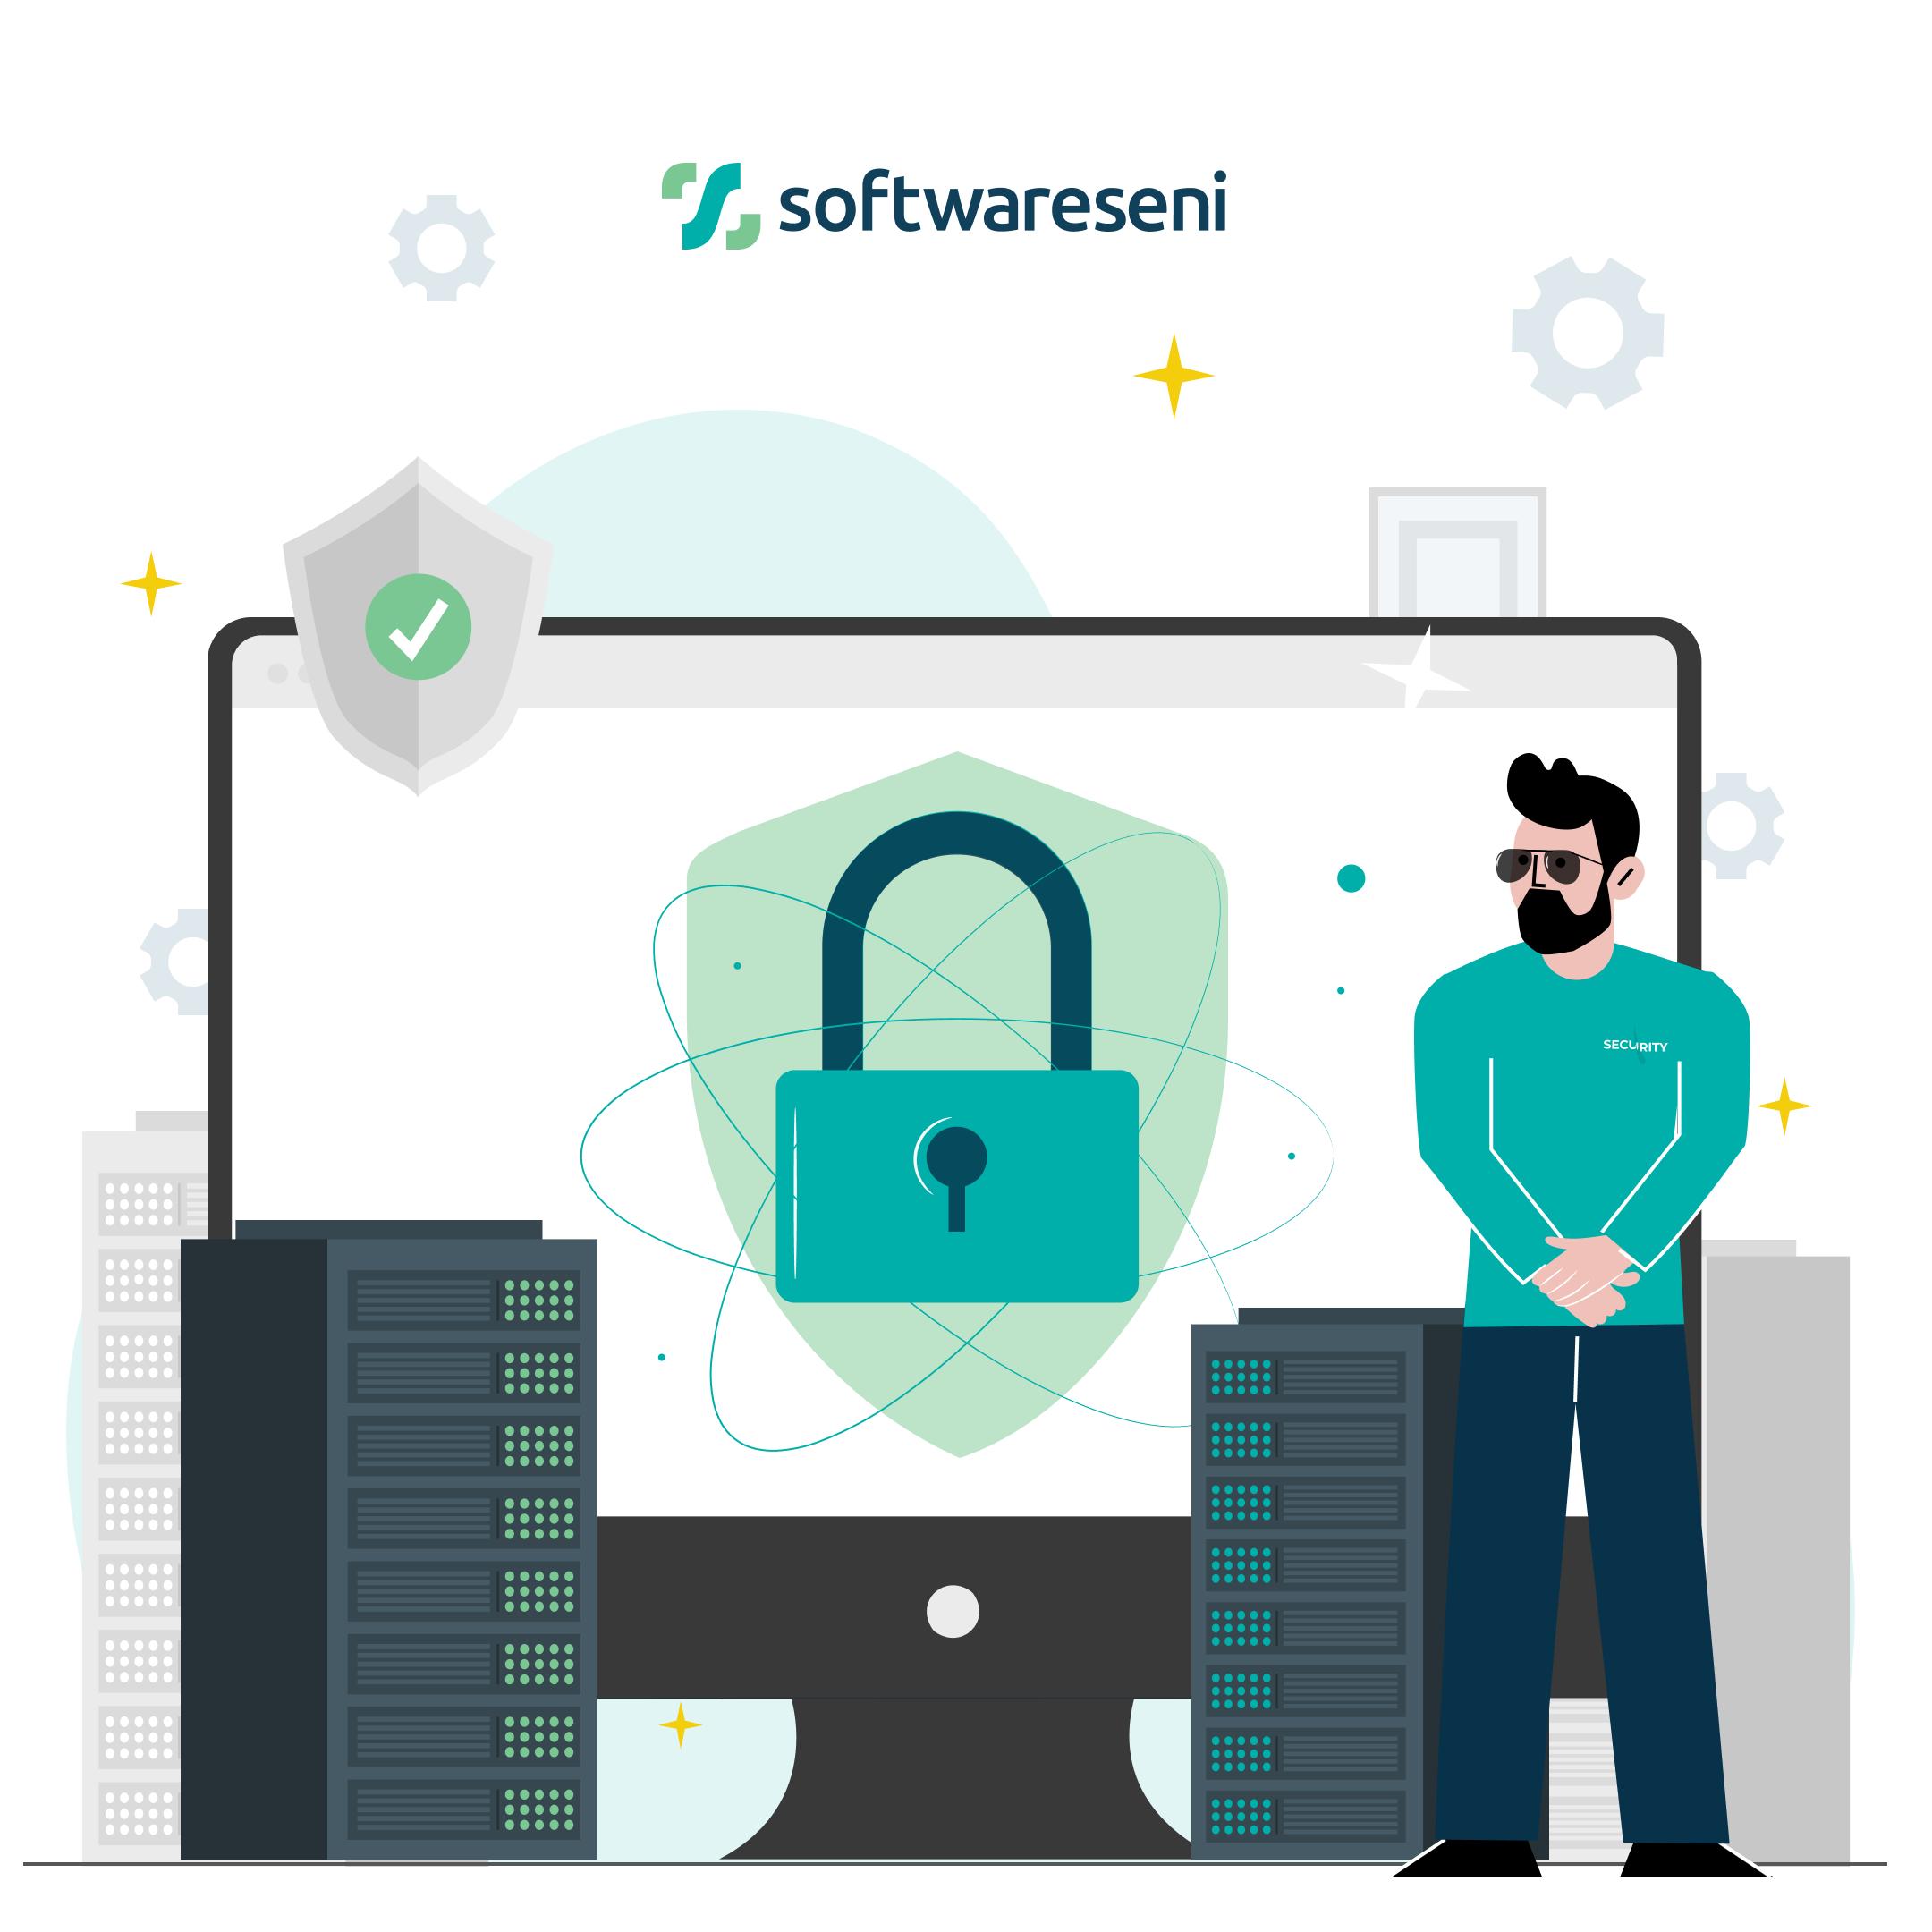 Pentingnya Keamanan Data / Data Security Pada Produk Digital (Software)